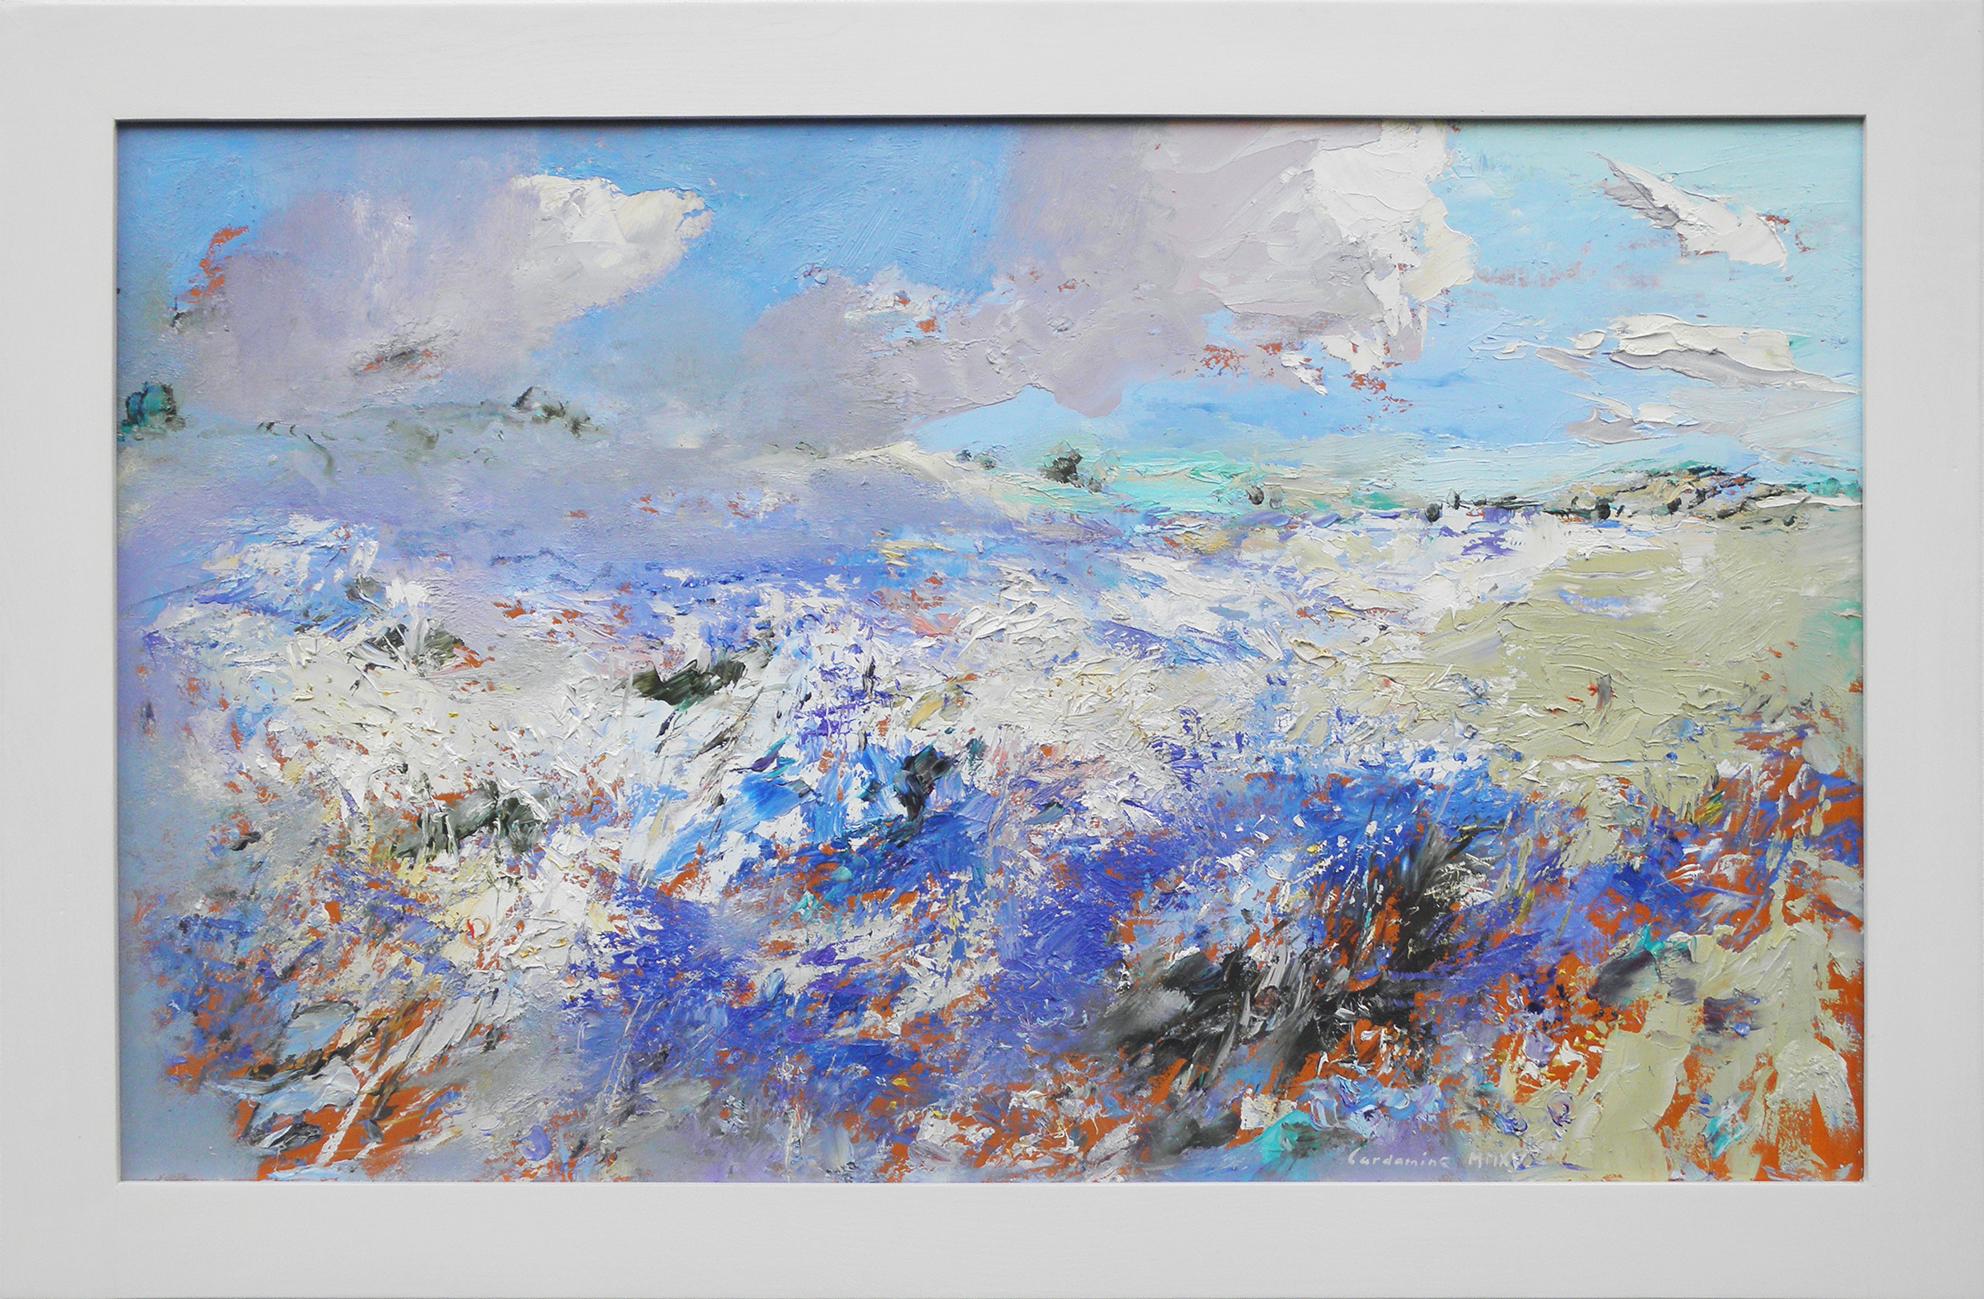 Obraz Modrobílé pole akademický malíř Jan Řeřicha Cardamine